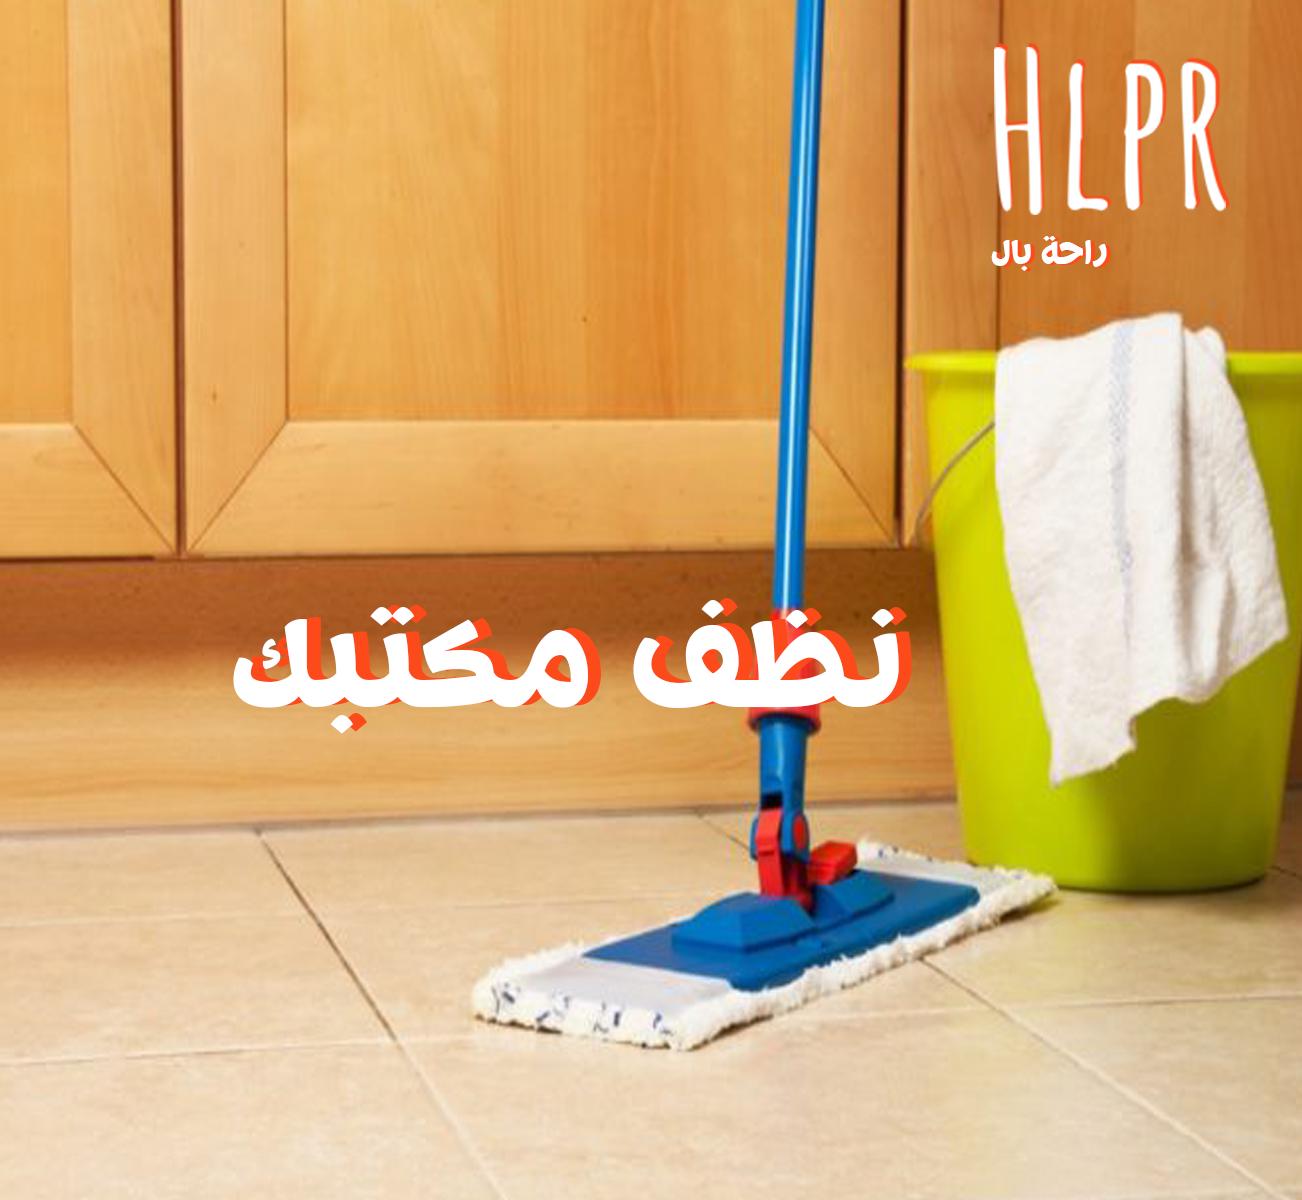 العين تحب تشوف كل حاجة جميلة كلم شركة هلبر وهي هتهتم انها تسيب انطباع جميل عن مكتبك وشركتك Move In Cleaning Cleaning Checklist Swiffer